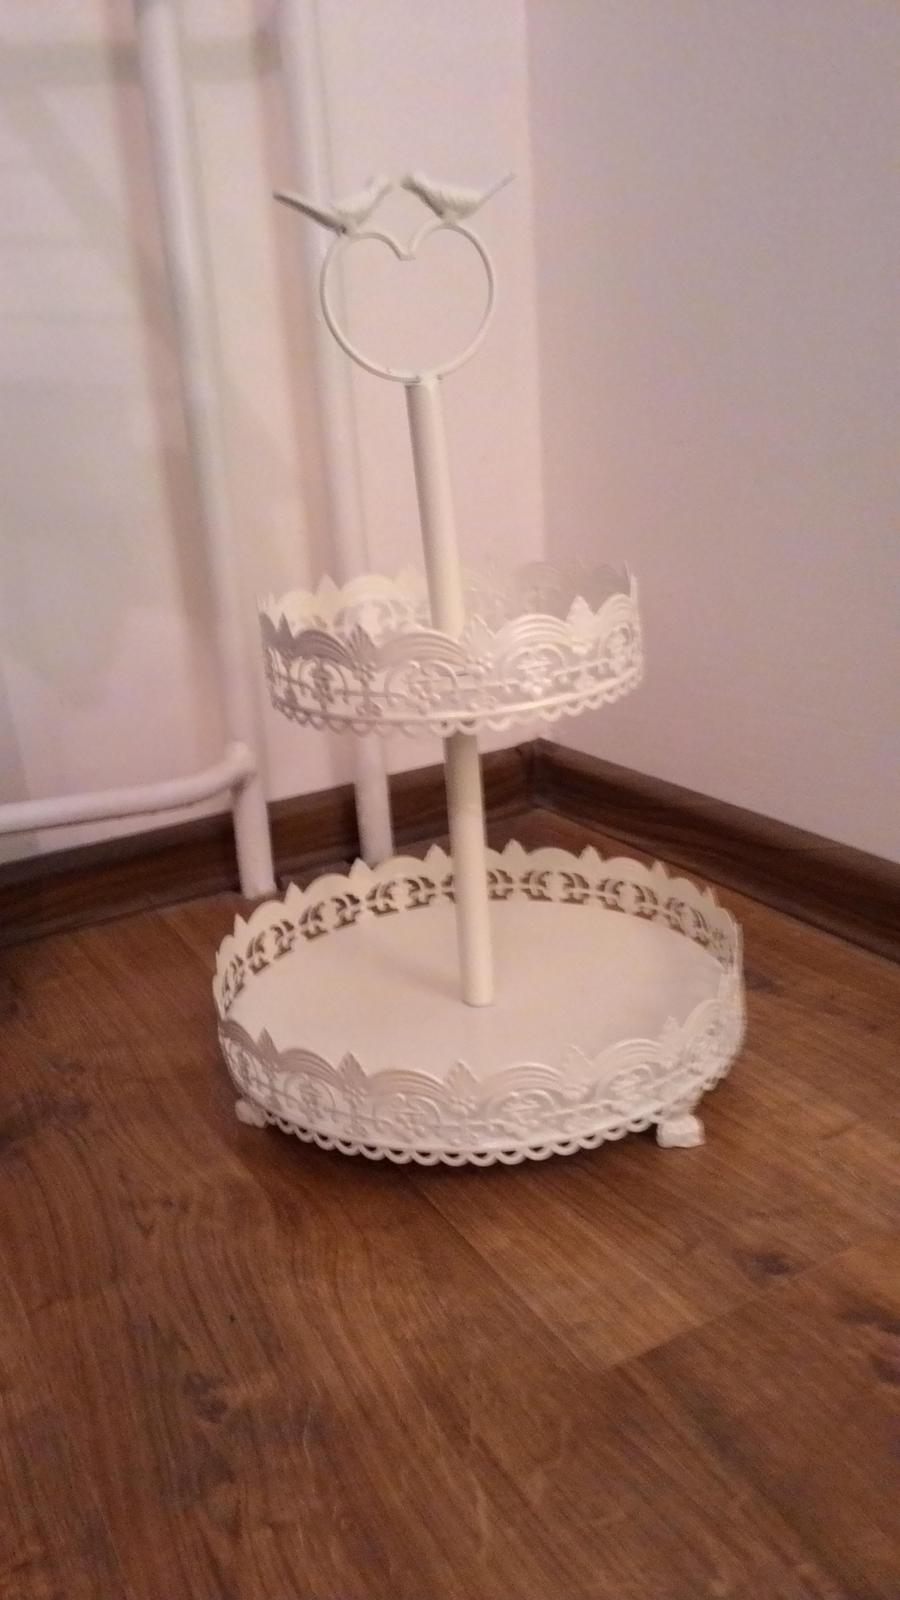 Svadobná priprava - Konečne kúpený :-)